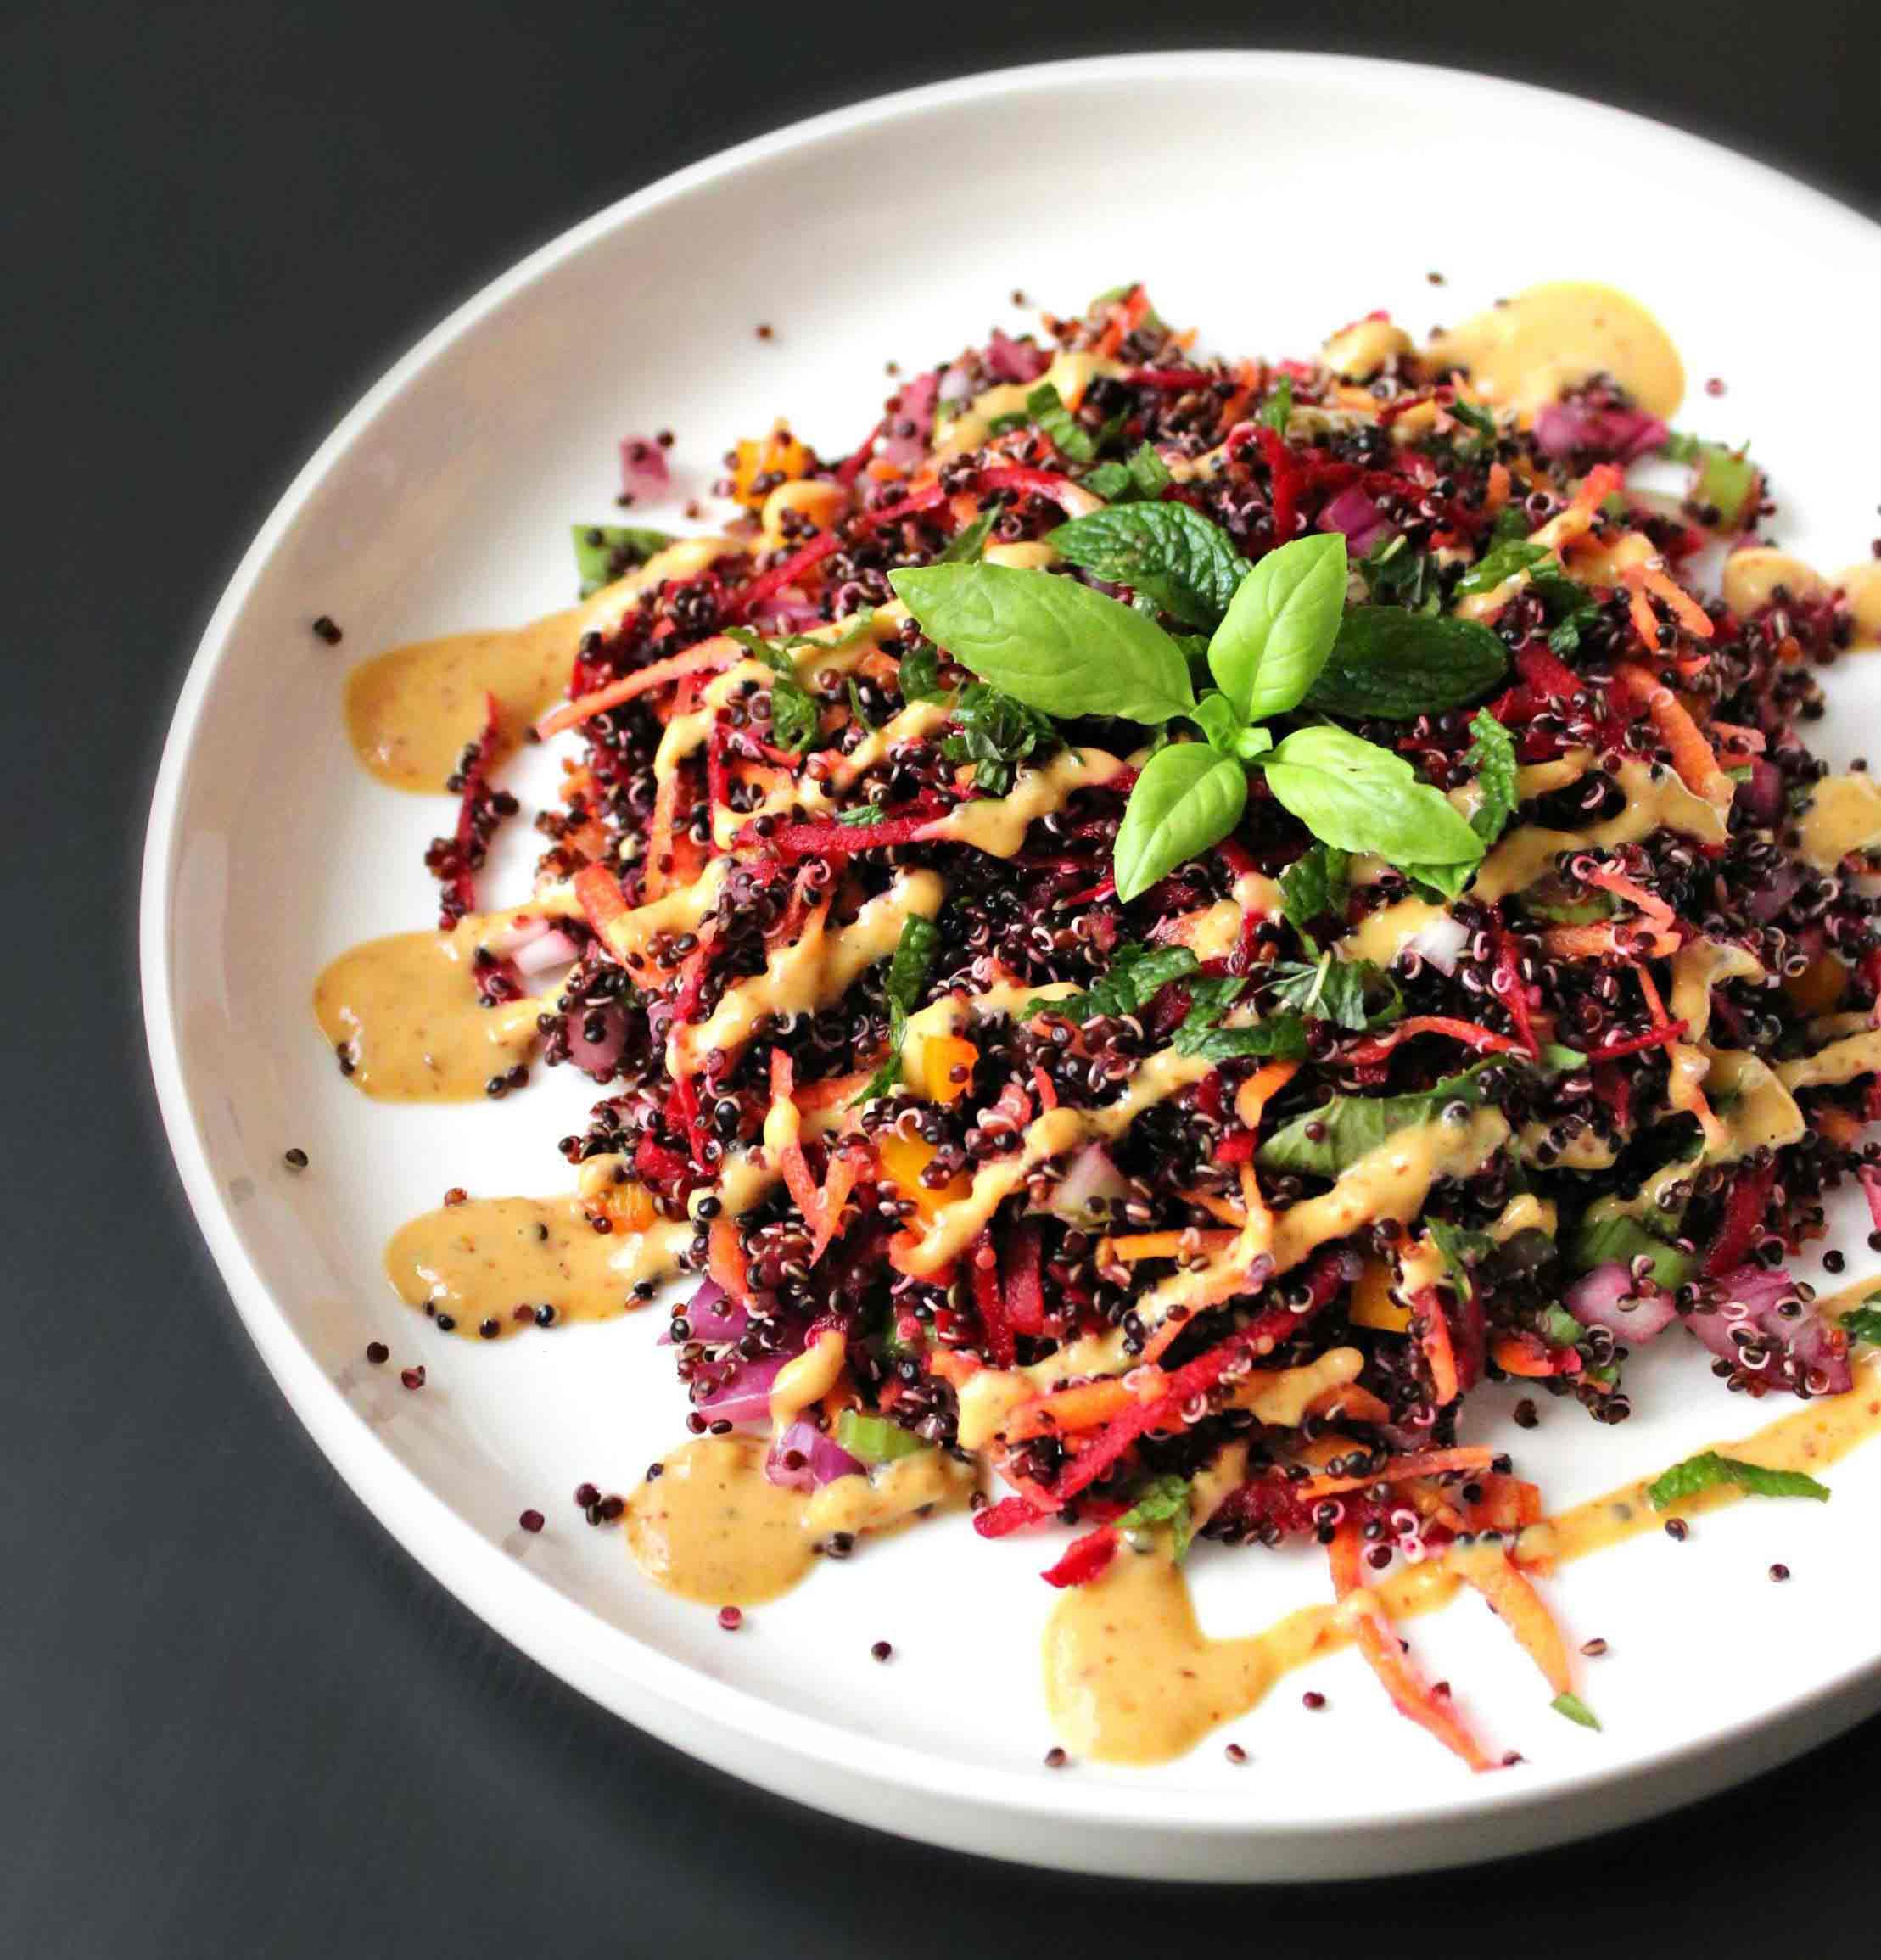 La salade de quinoa noir & sauce orange cacahuète par Sarah Juhasz de Pimp Me Green